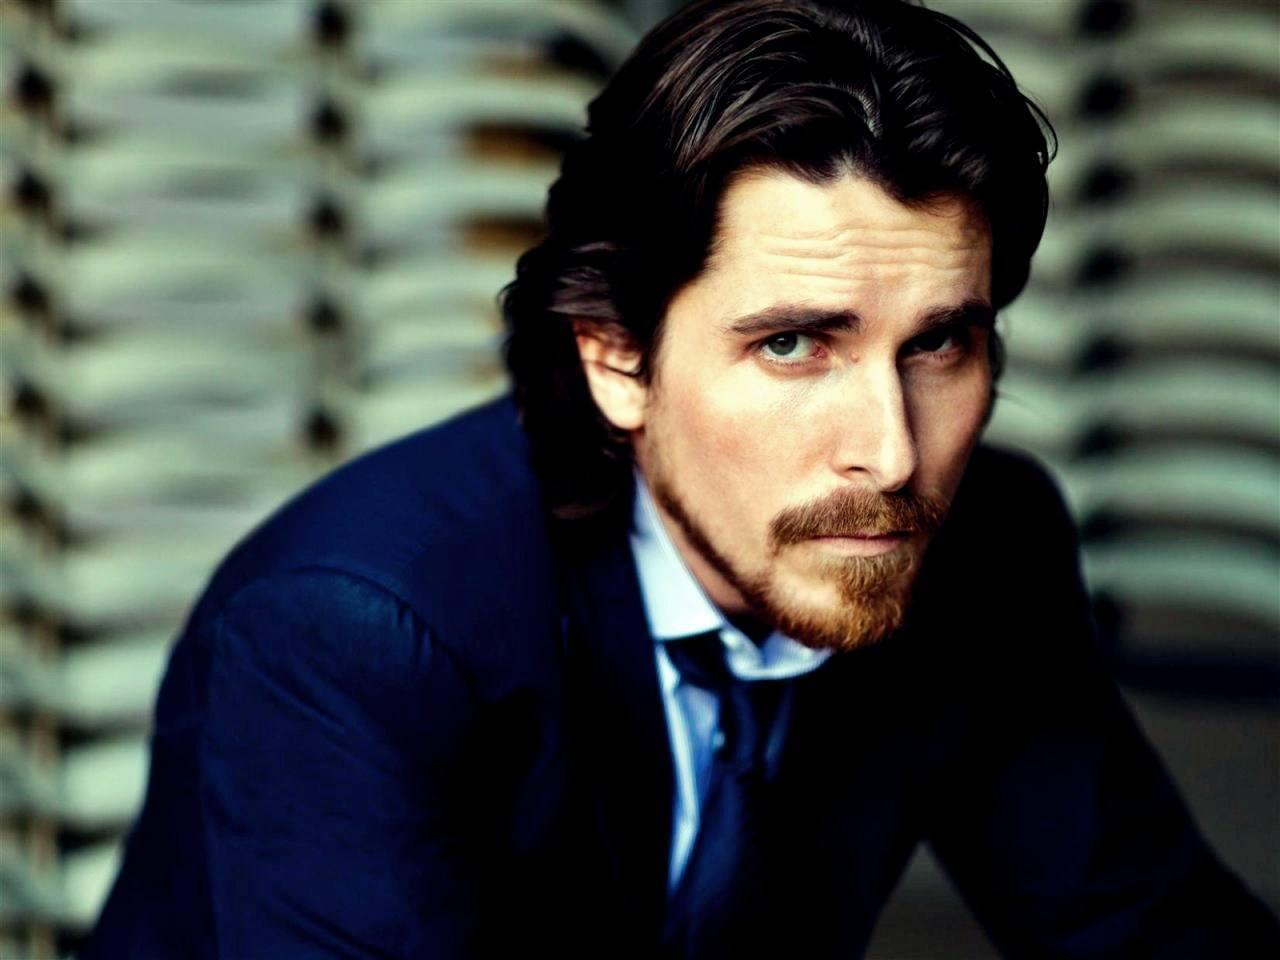 Biyografik filmde Steve Jobs'u Christian Bale canlandıracak